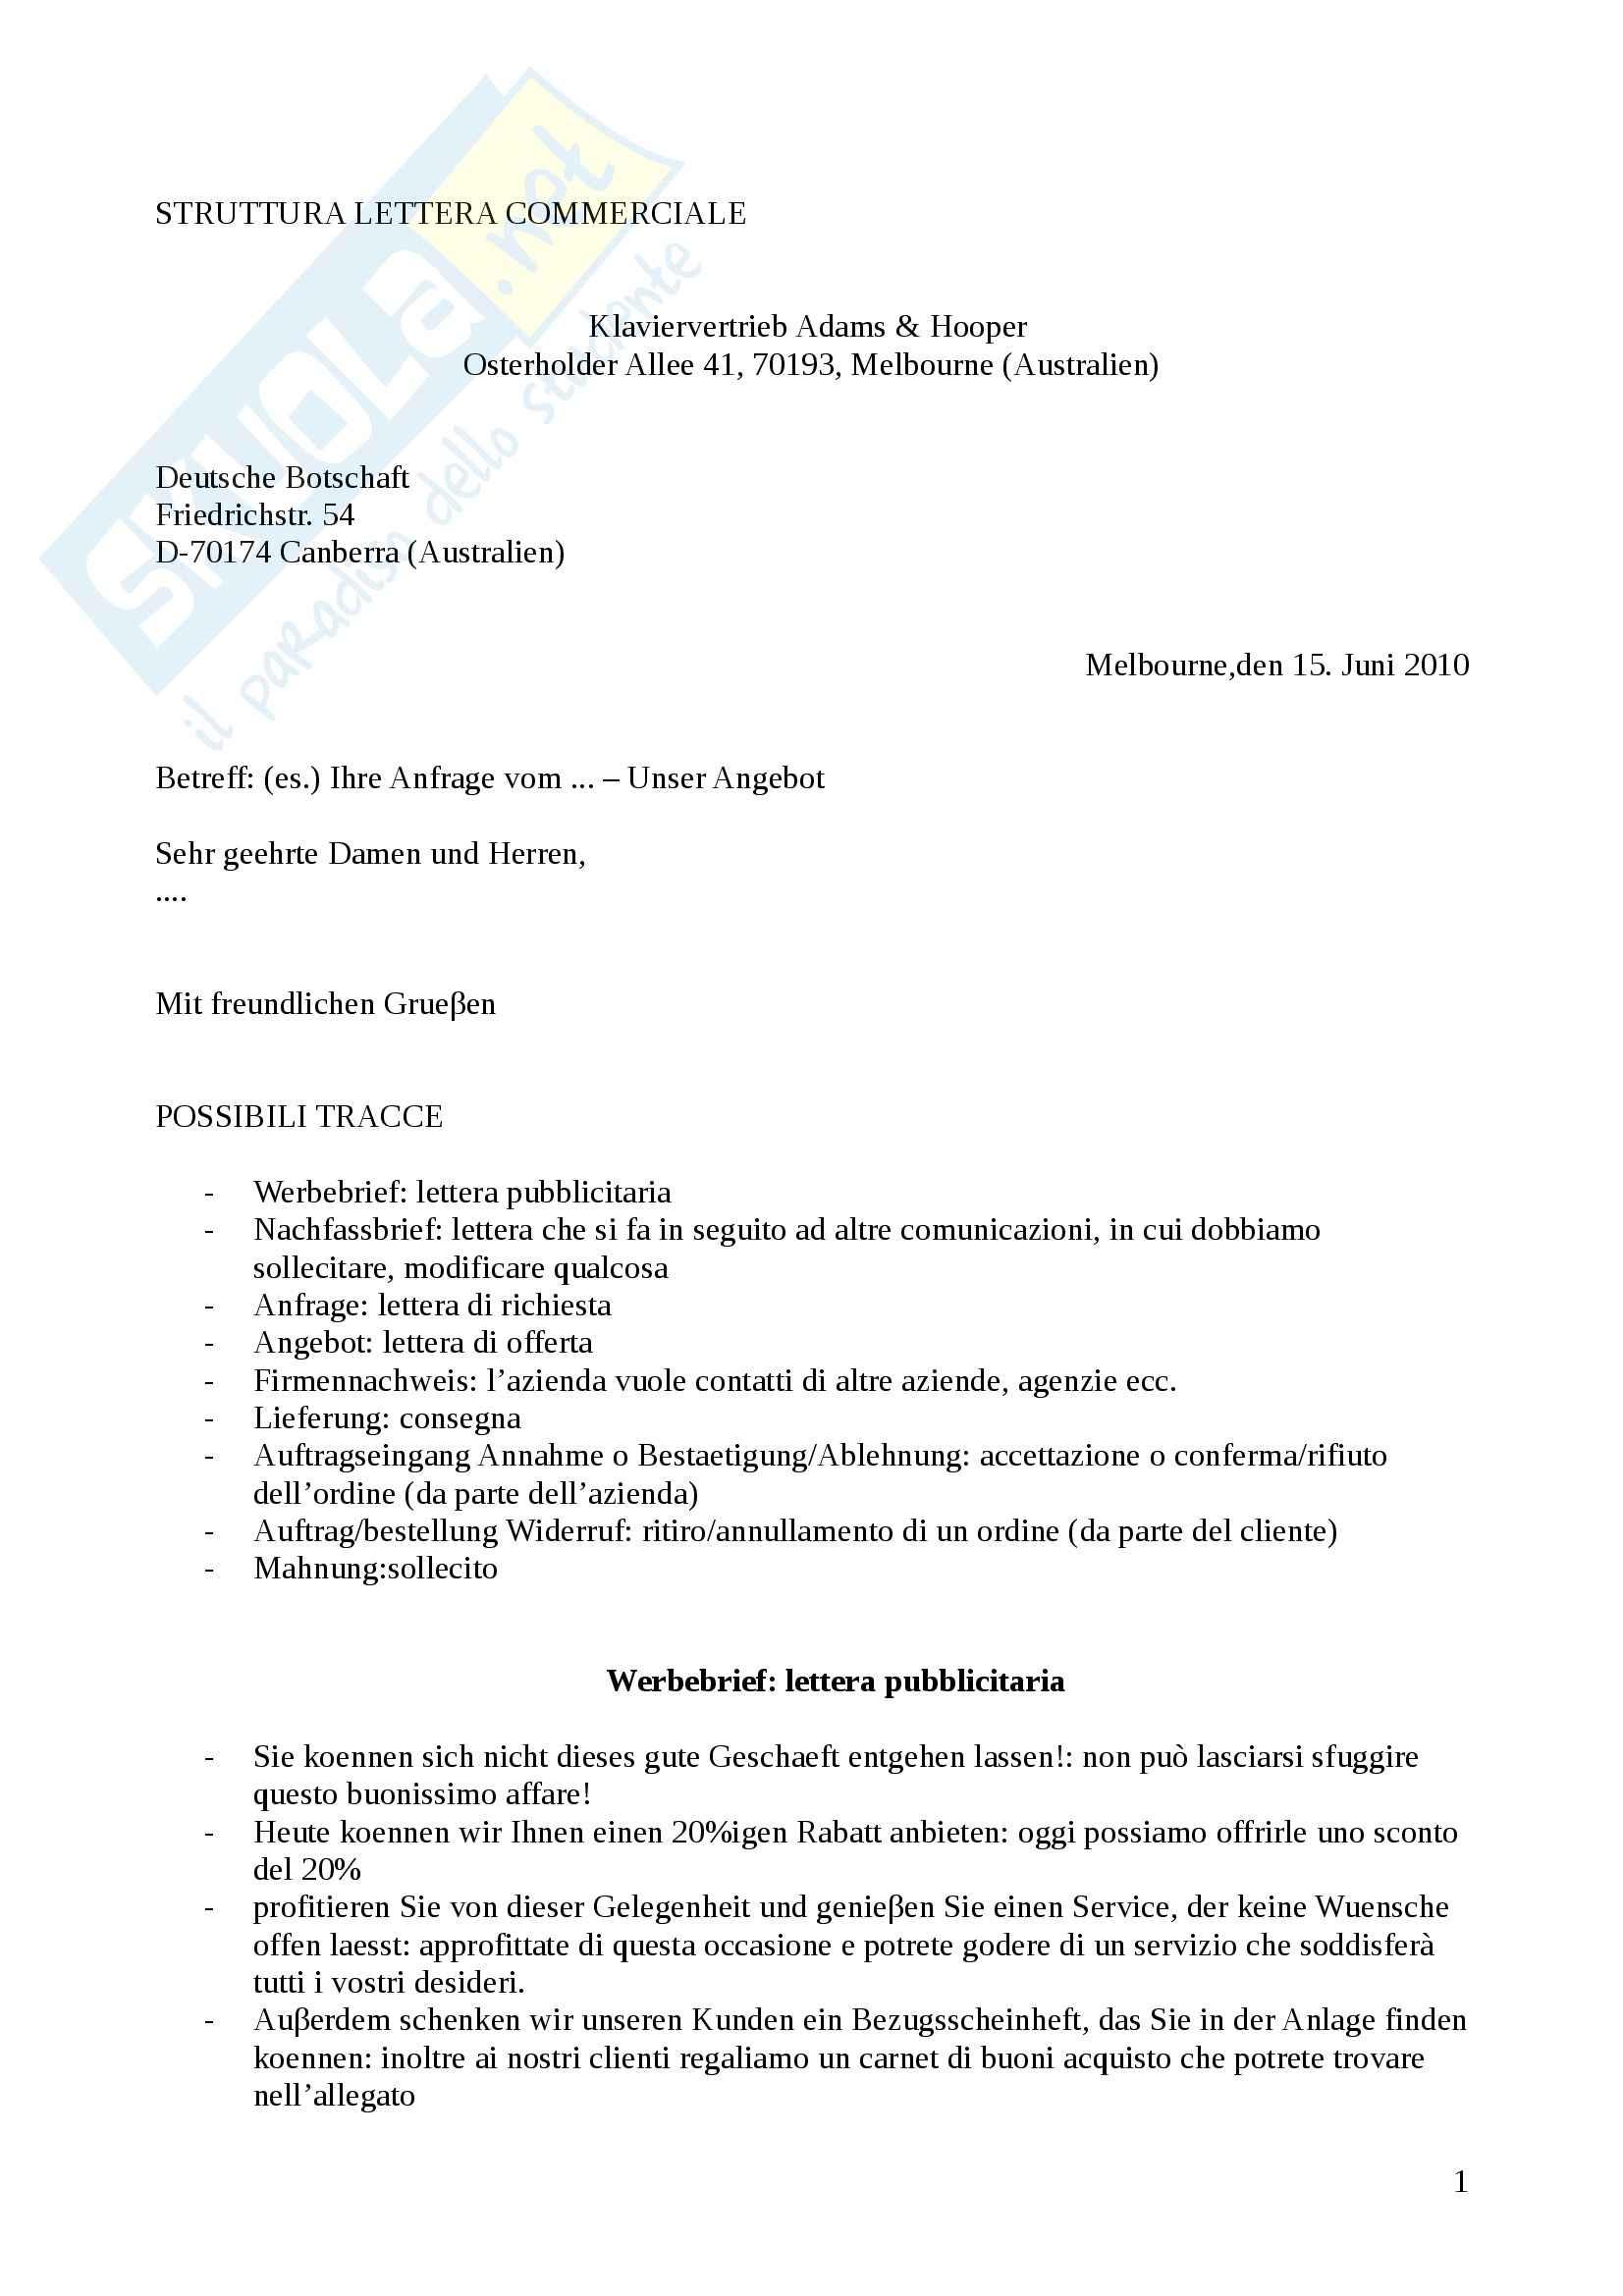 Lingua tedesca - Struttura di una lettera commerciale tedesca e tipologie